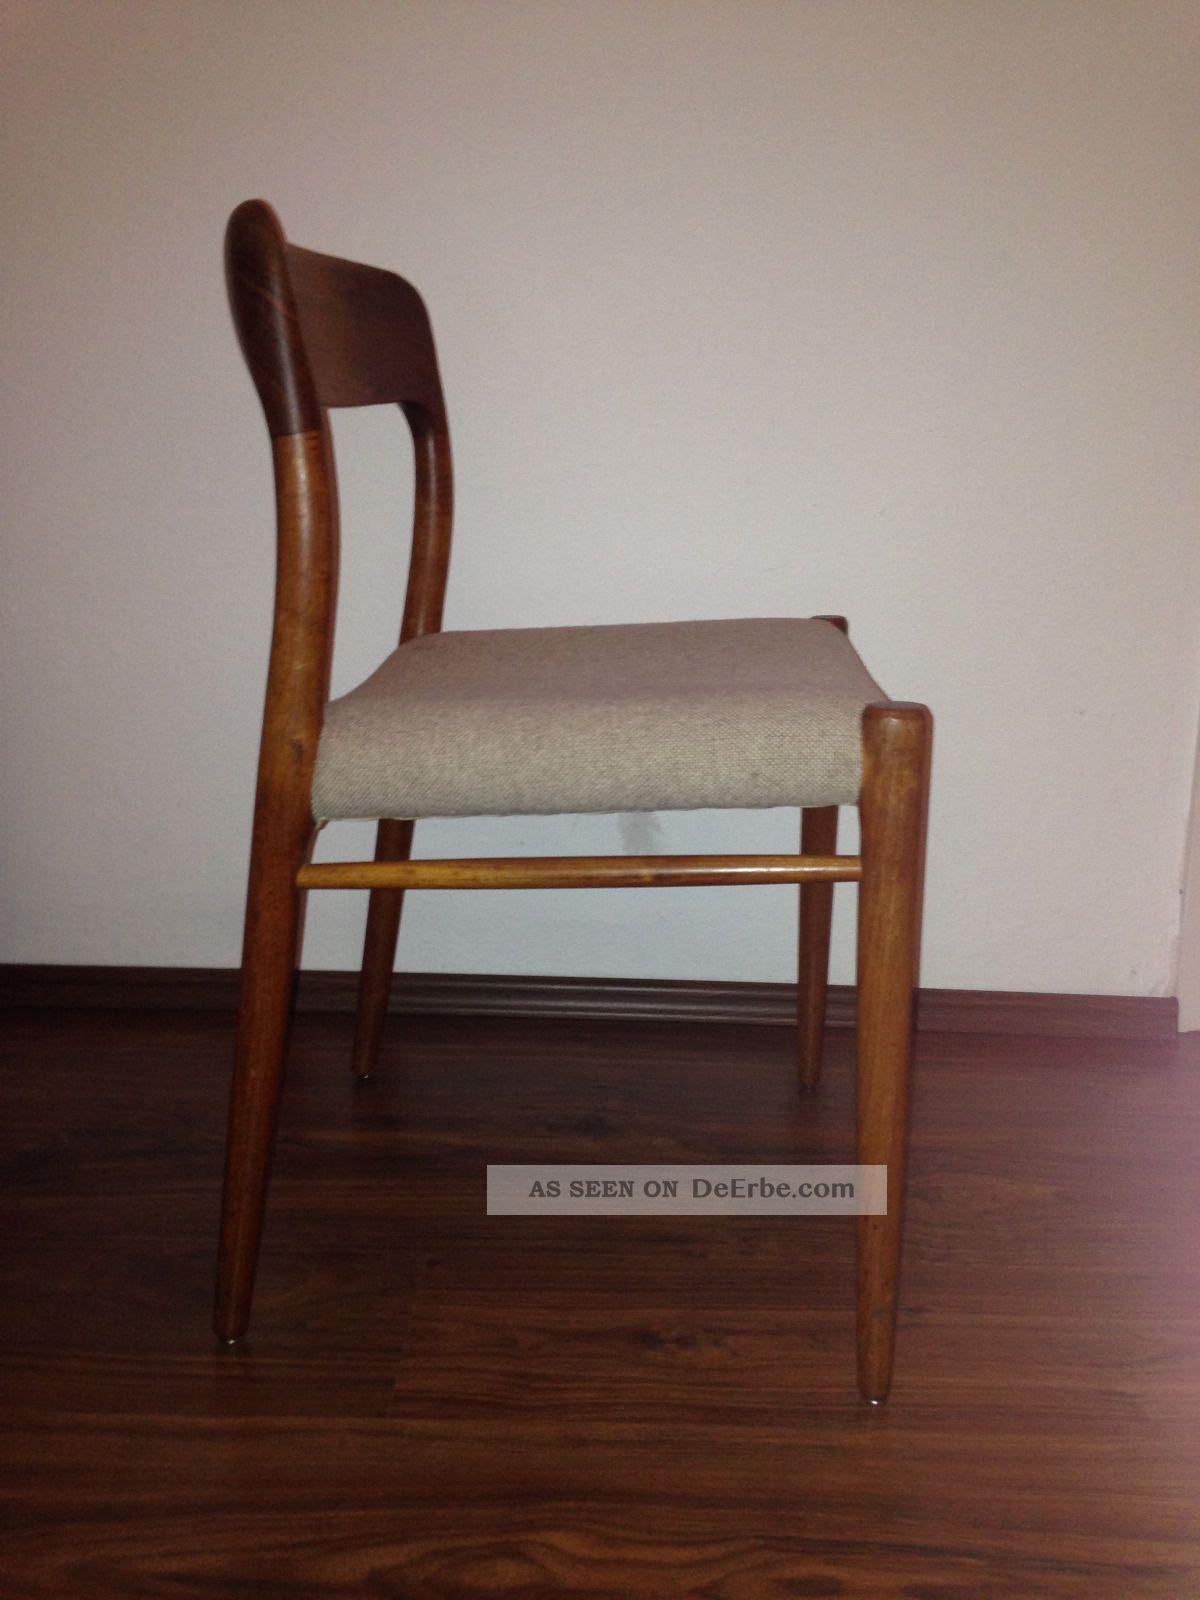 Teak Holz Stühle Dänisches Design 60 70er Jahre